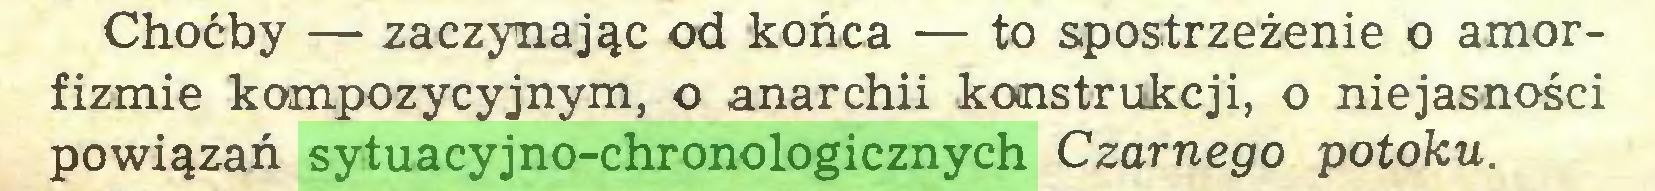 (...) Choćby — zaczynając od końca — to spostrzeżenie o amorfizmie kompozycyjnym, o anarchii konstrukcji, o niejasności powiązań sytuacyjno-chronologicznych Czarnego potoku...